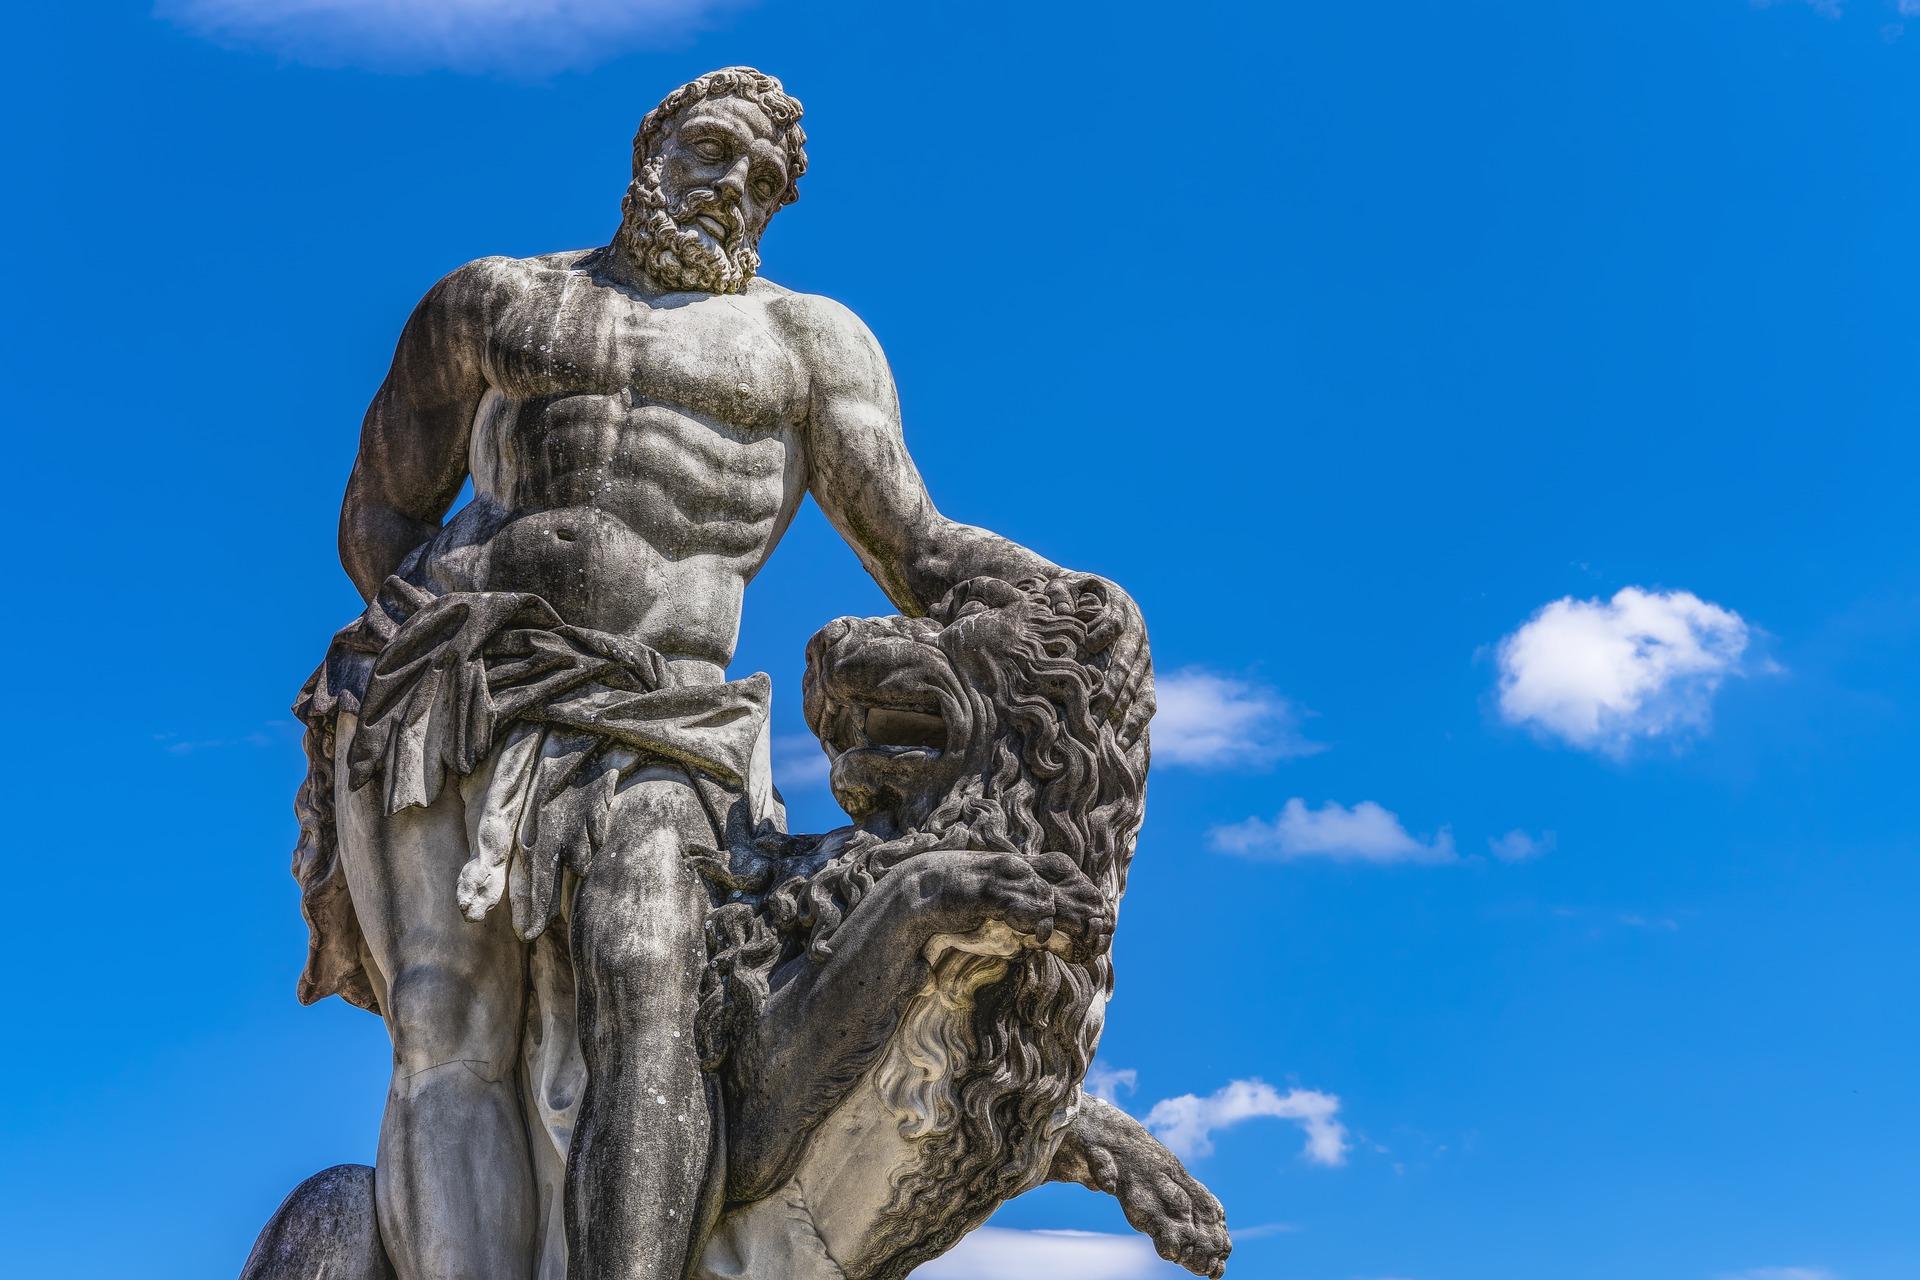 statue-of-hercules-2531191_1920